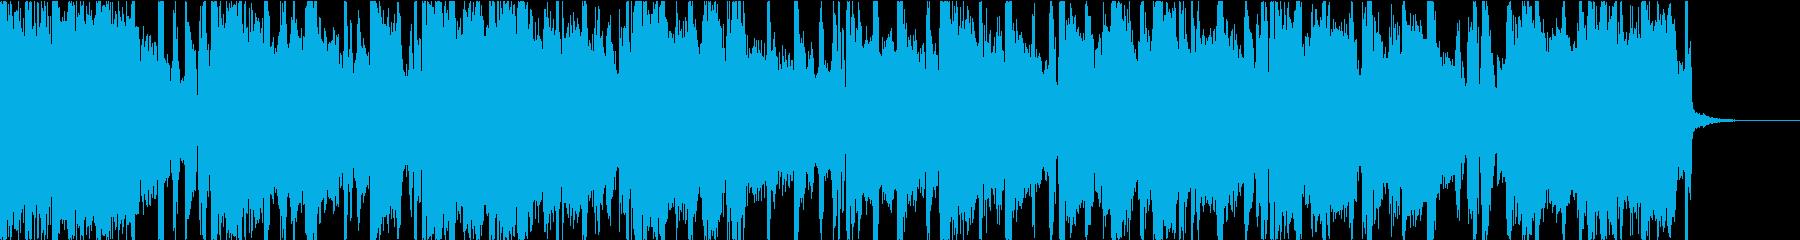 夢の国・アーバン・お洒落・エモジングルの再生済みの波形